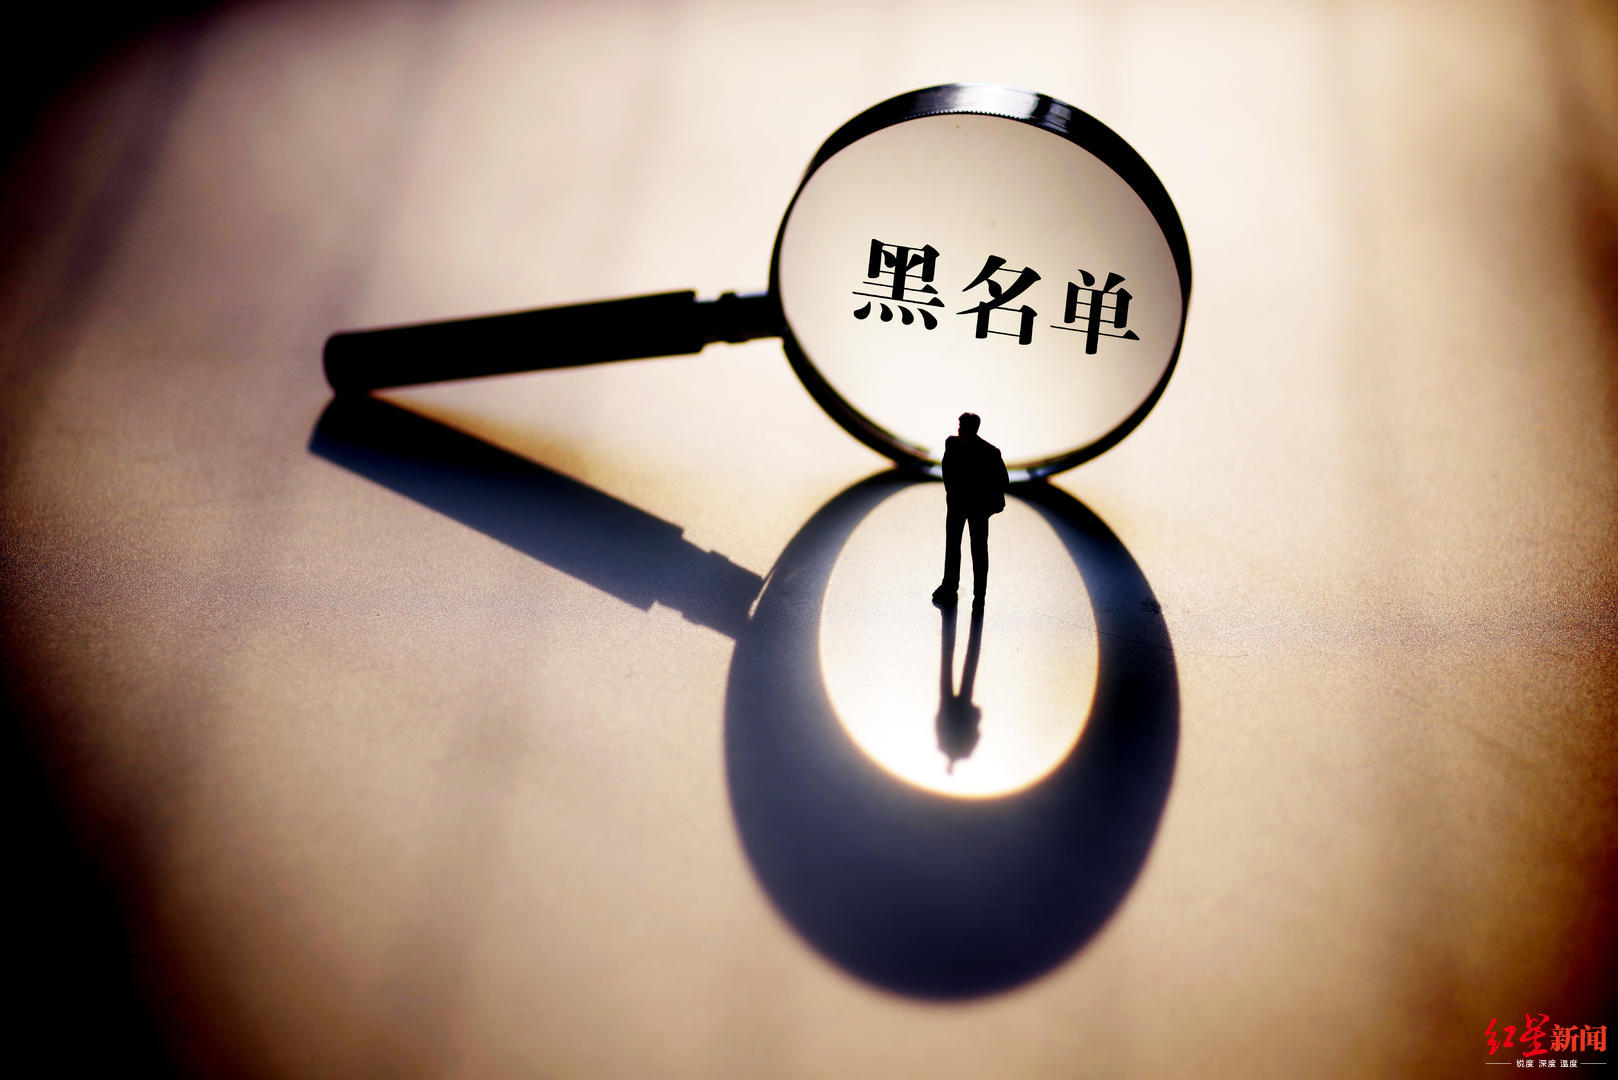 防止失信黑名单扩大化 不能过度惩戒或信用威胁